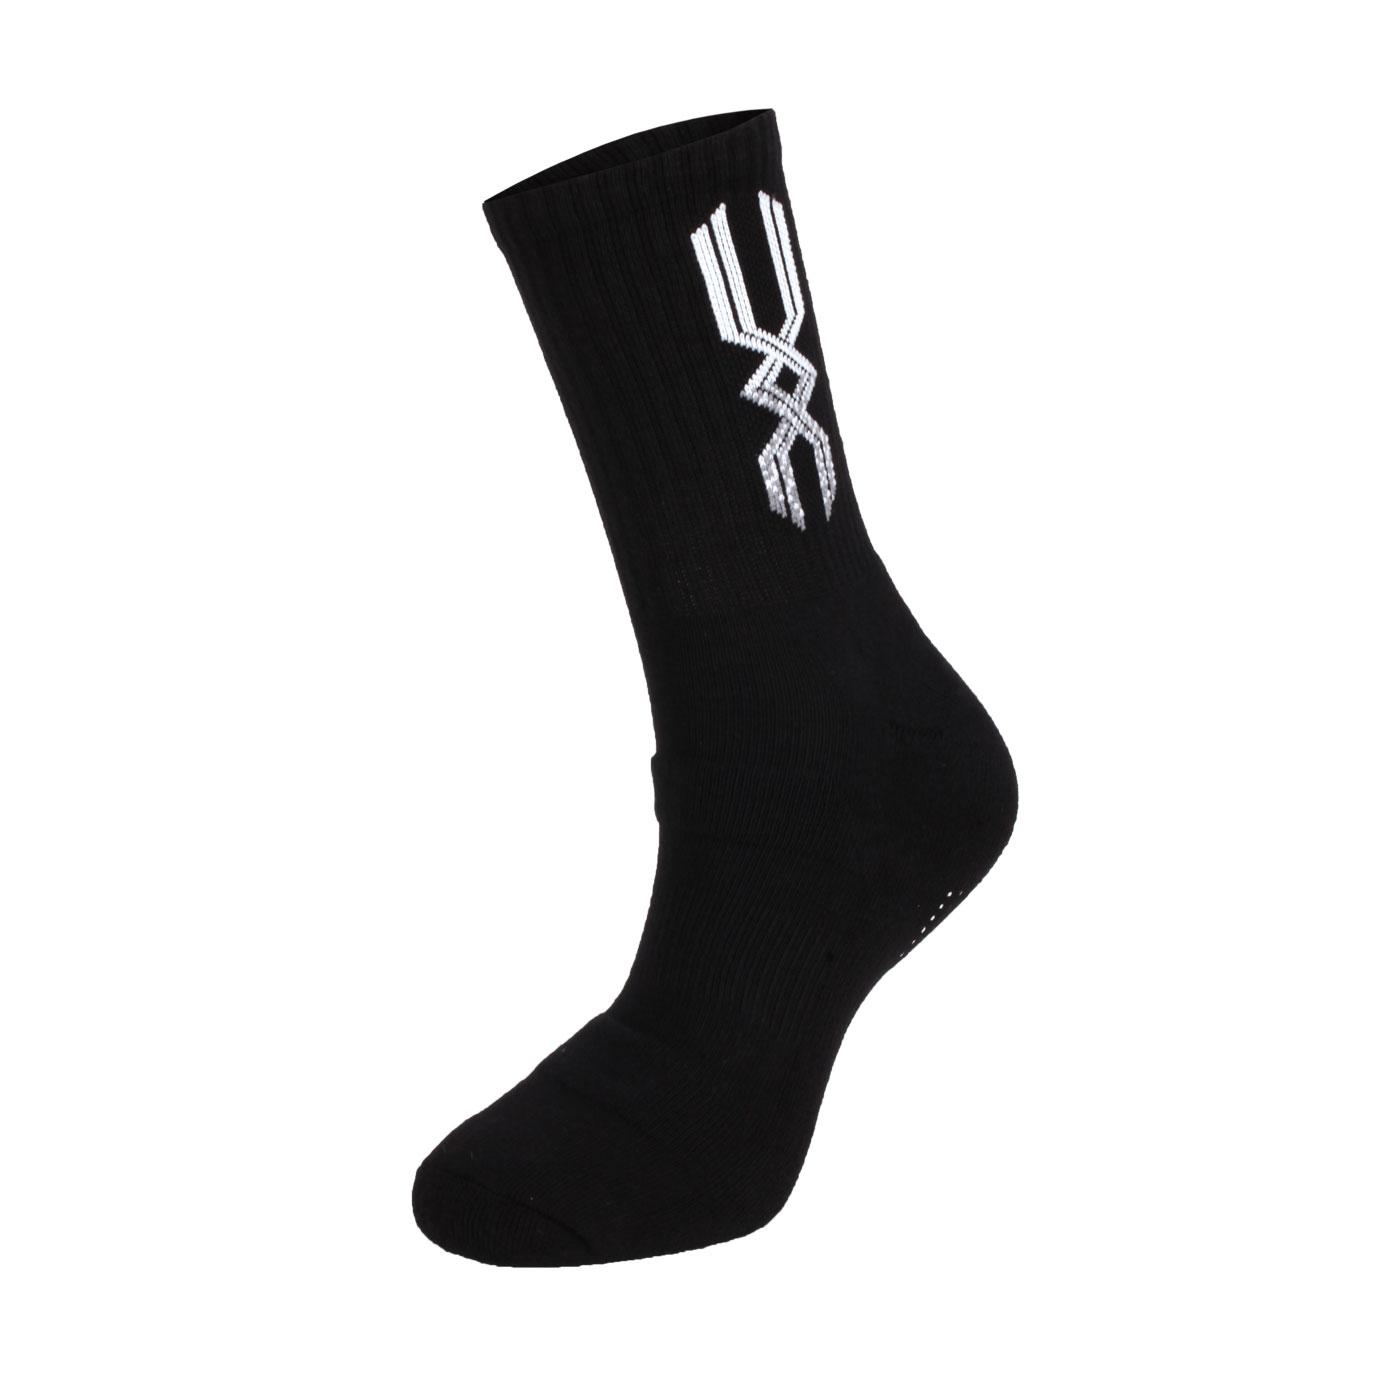 MIZUNO 男運動厚底襪(加大) 32TX800945 - 黑白